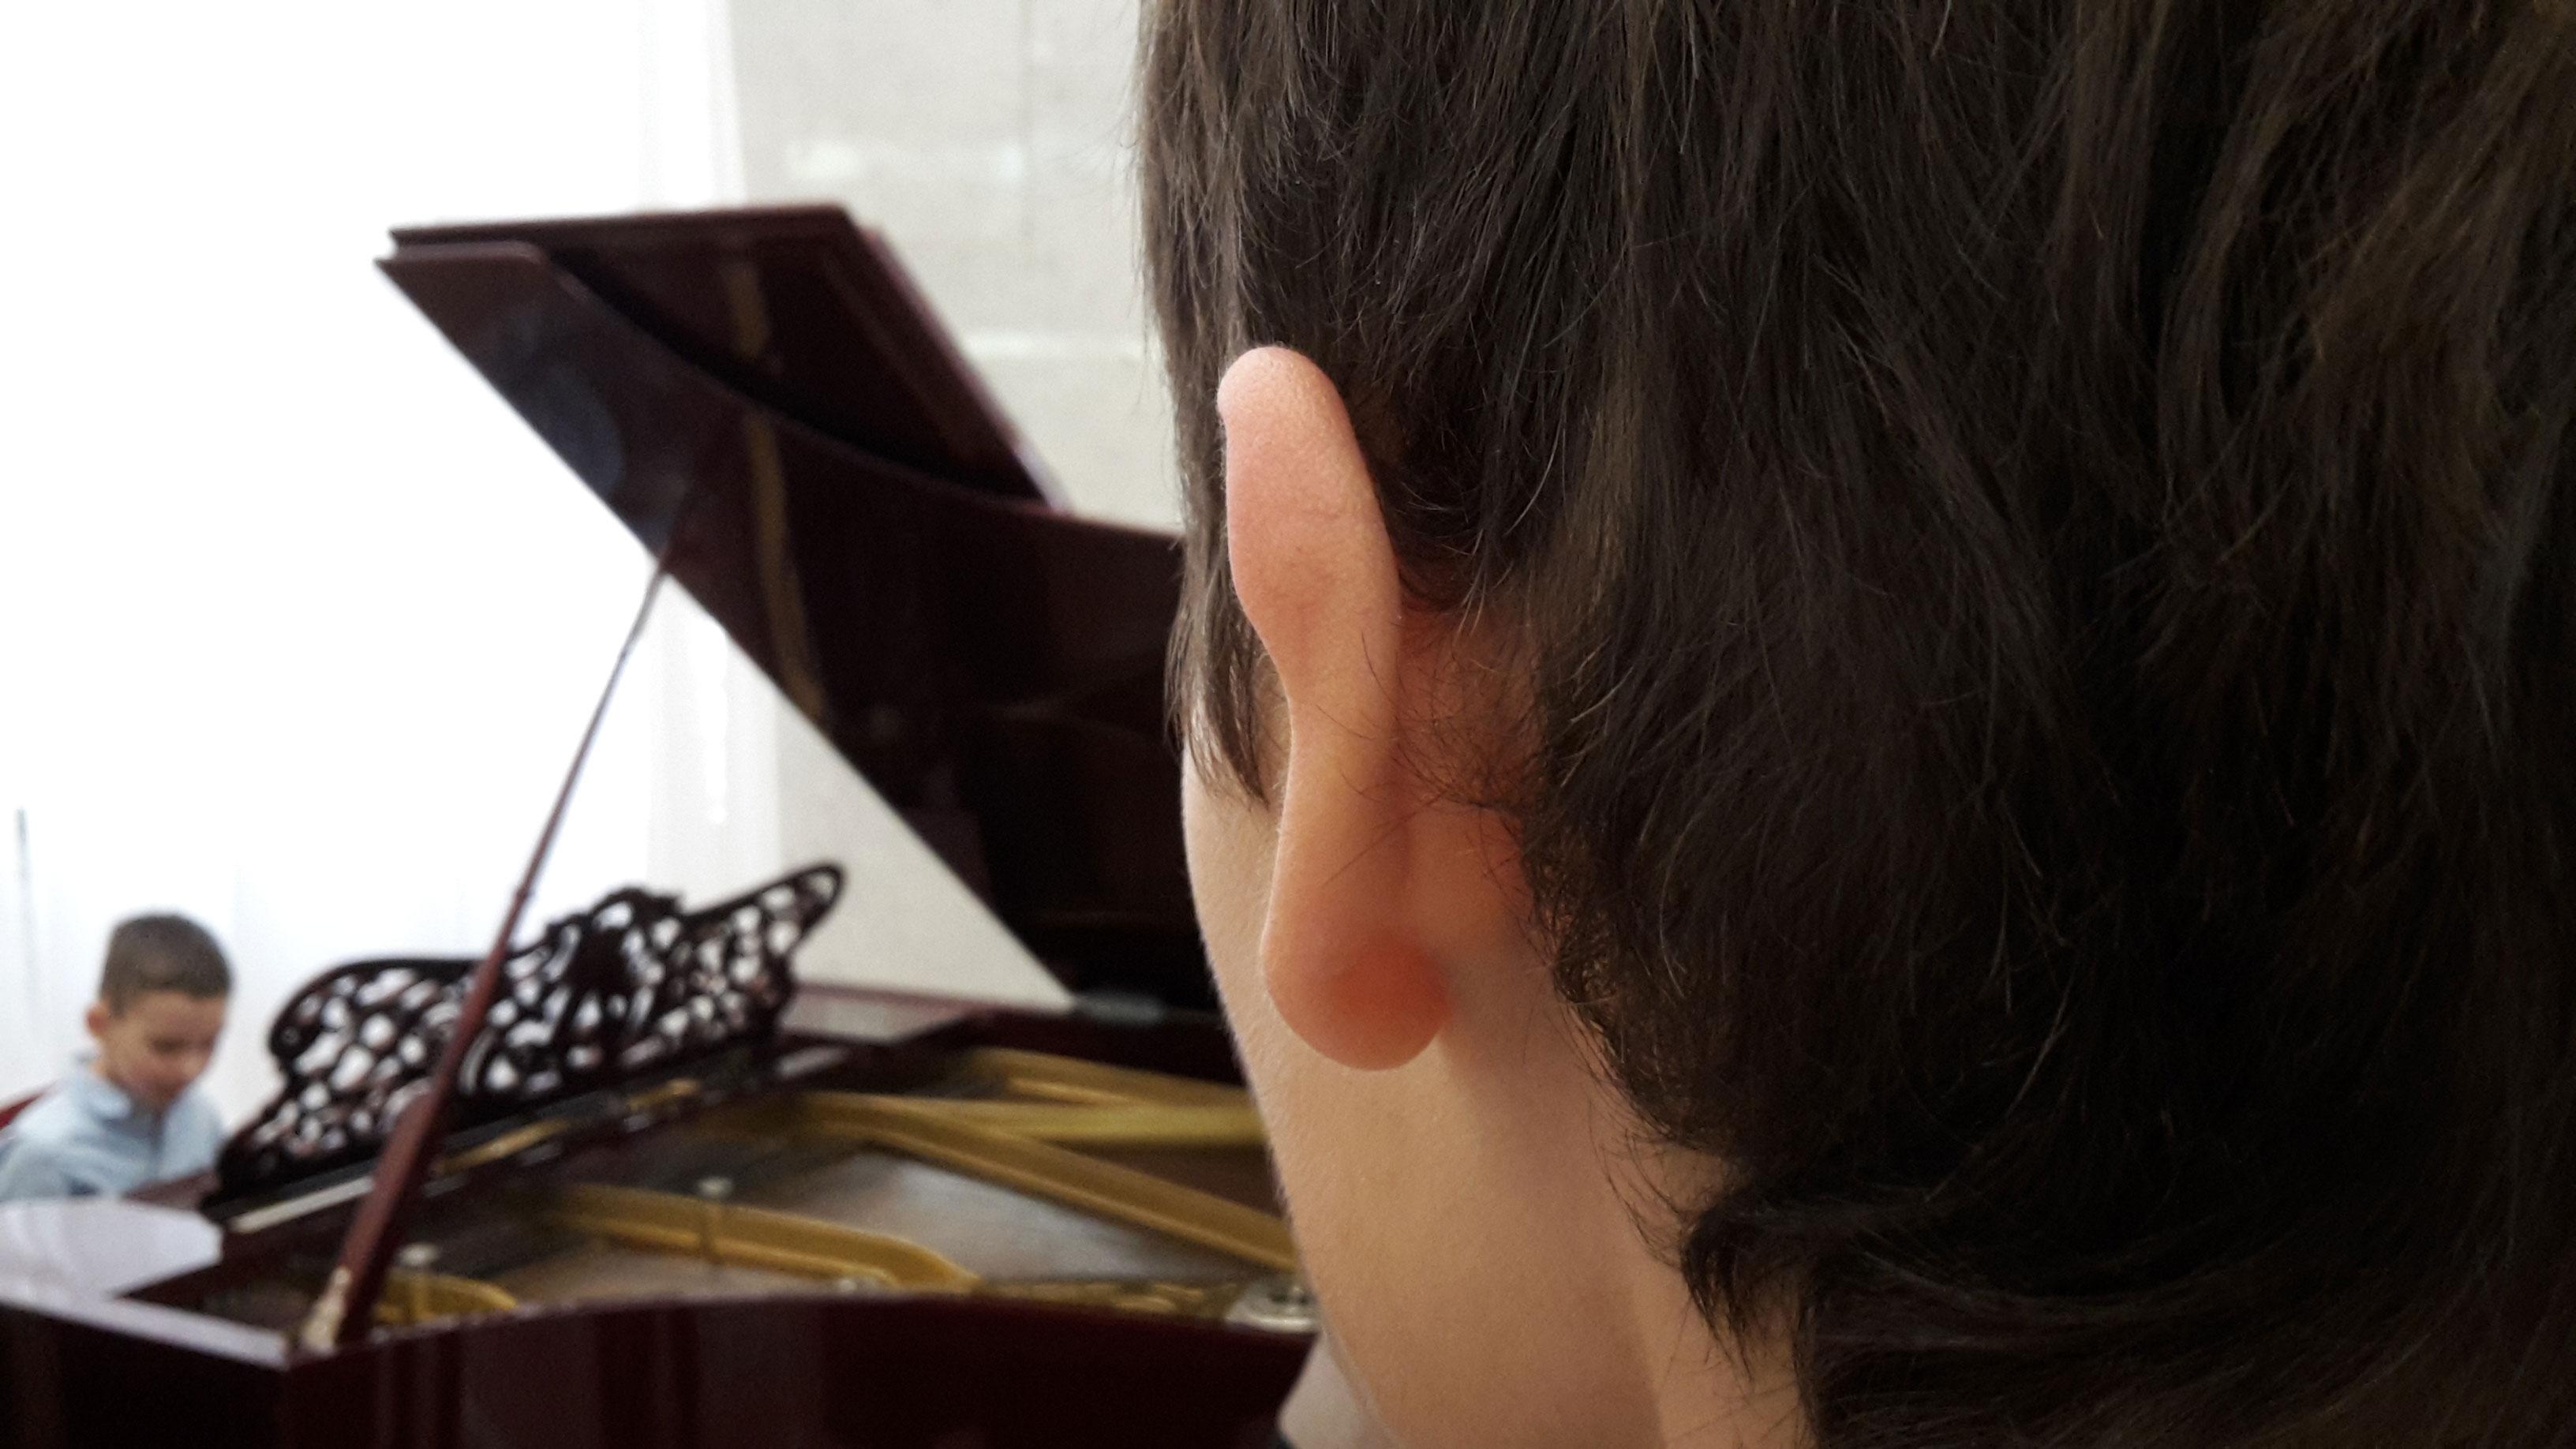 я наблюдаю за игрой на фортепьяно